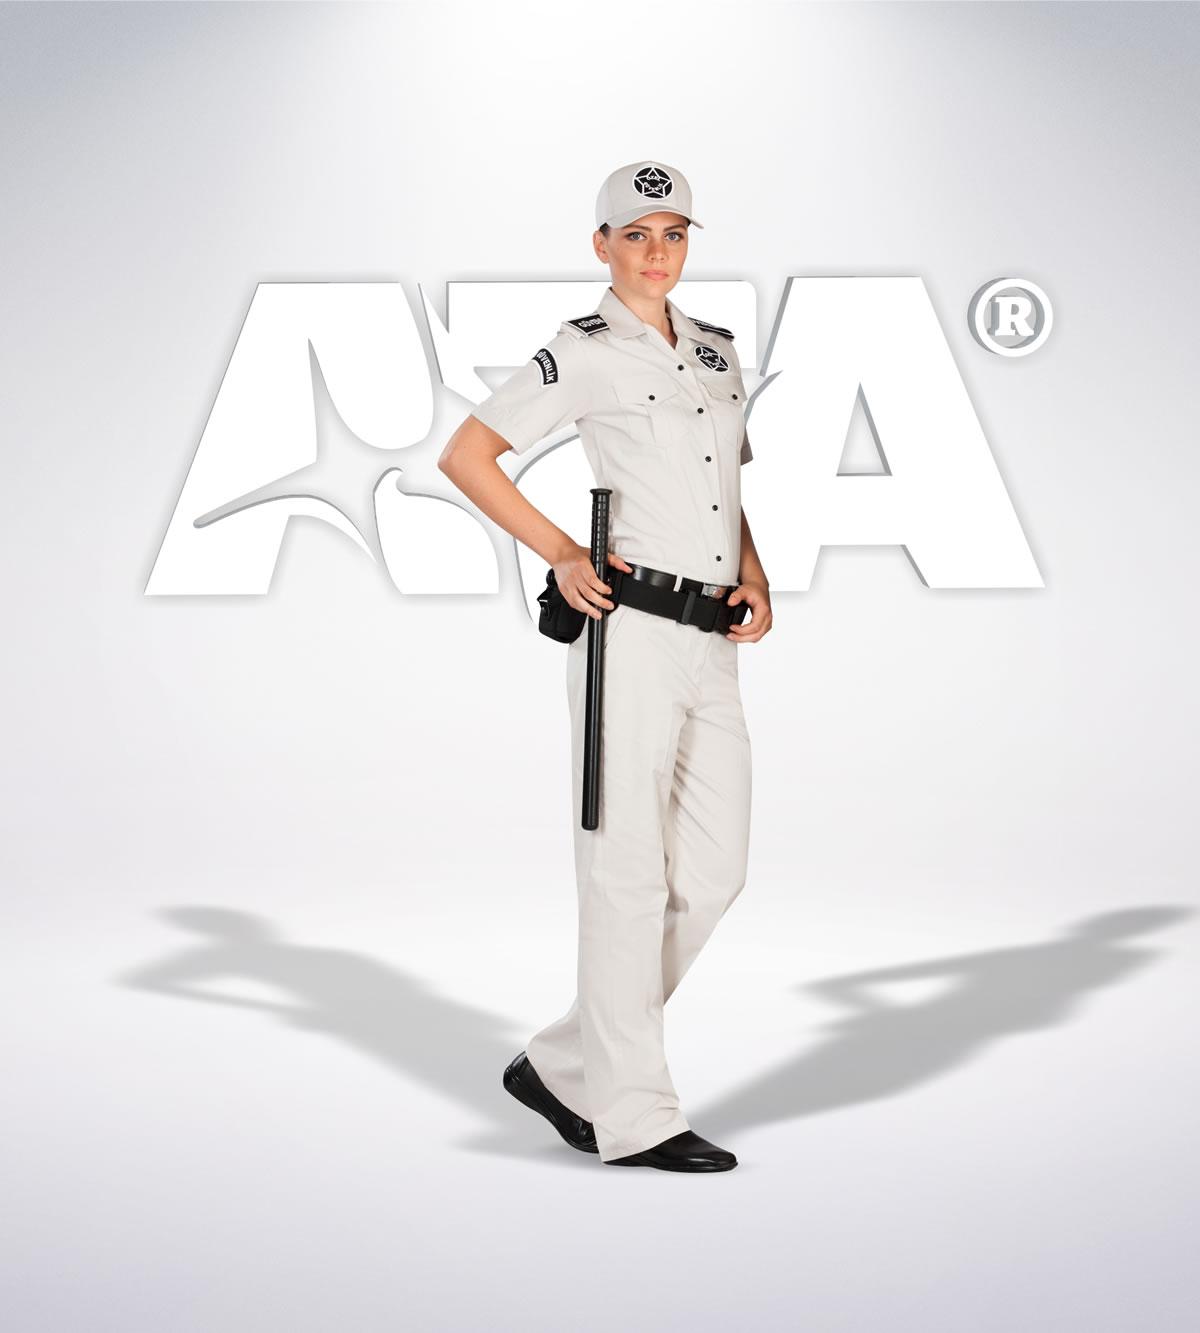 ATA 121 - Pantolon yazlık - gömlek yazlık-kışlık - aksesuar - güvenlik elbiseleri | güvenlik üniformaları | güvenlik kıyafetleri